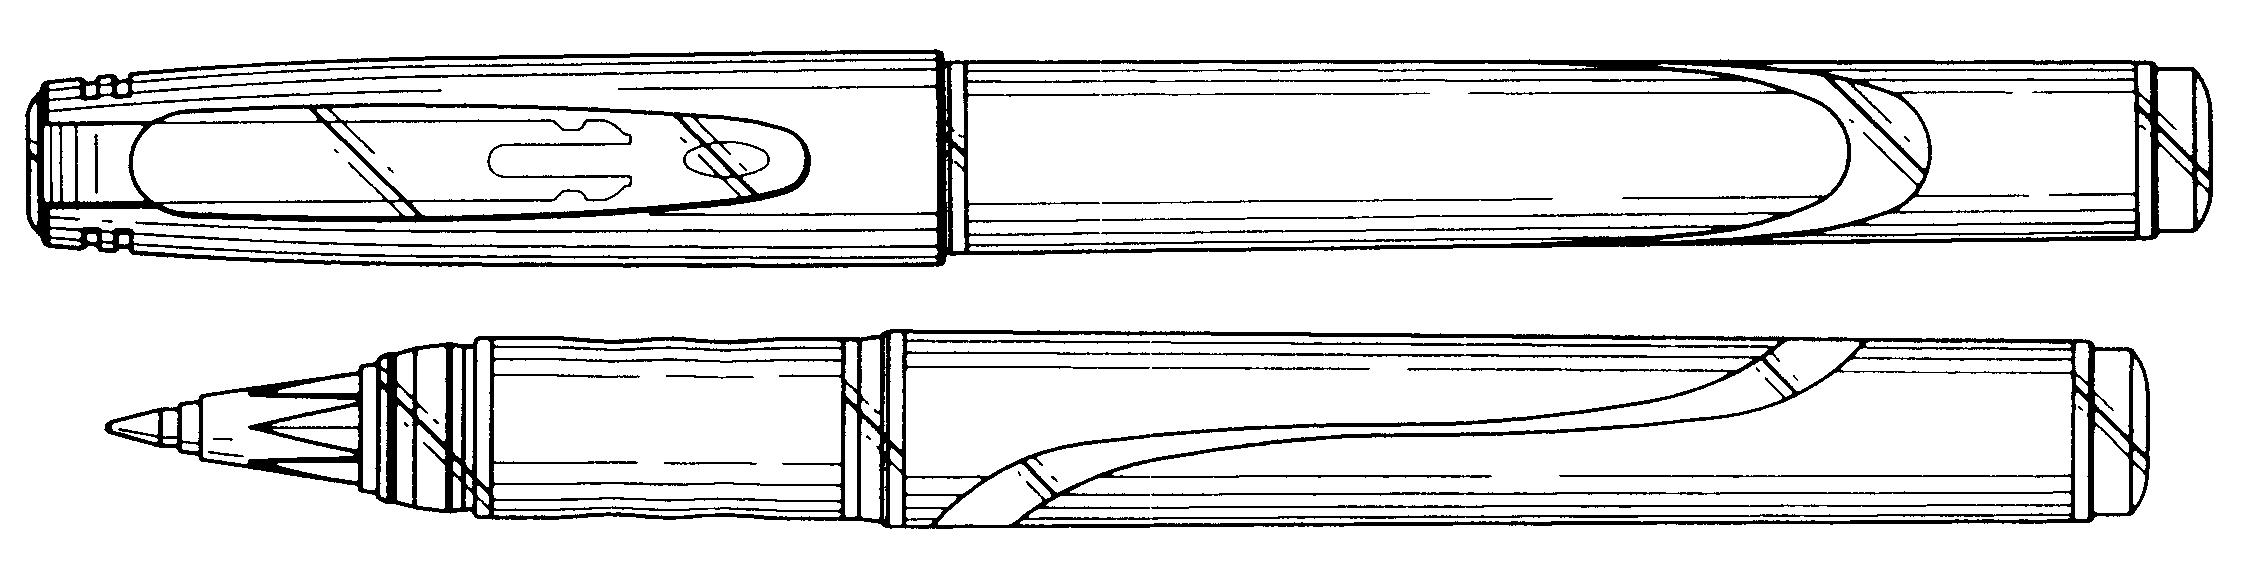 工程图 简笔画 平面图 手绘 线稿 560_345